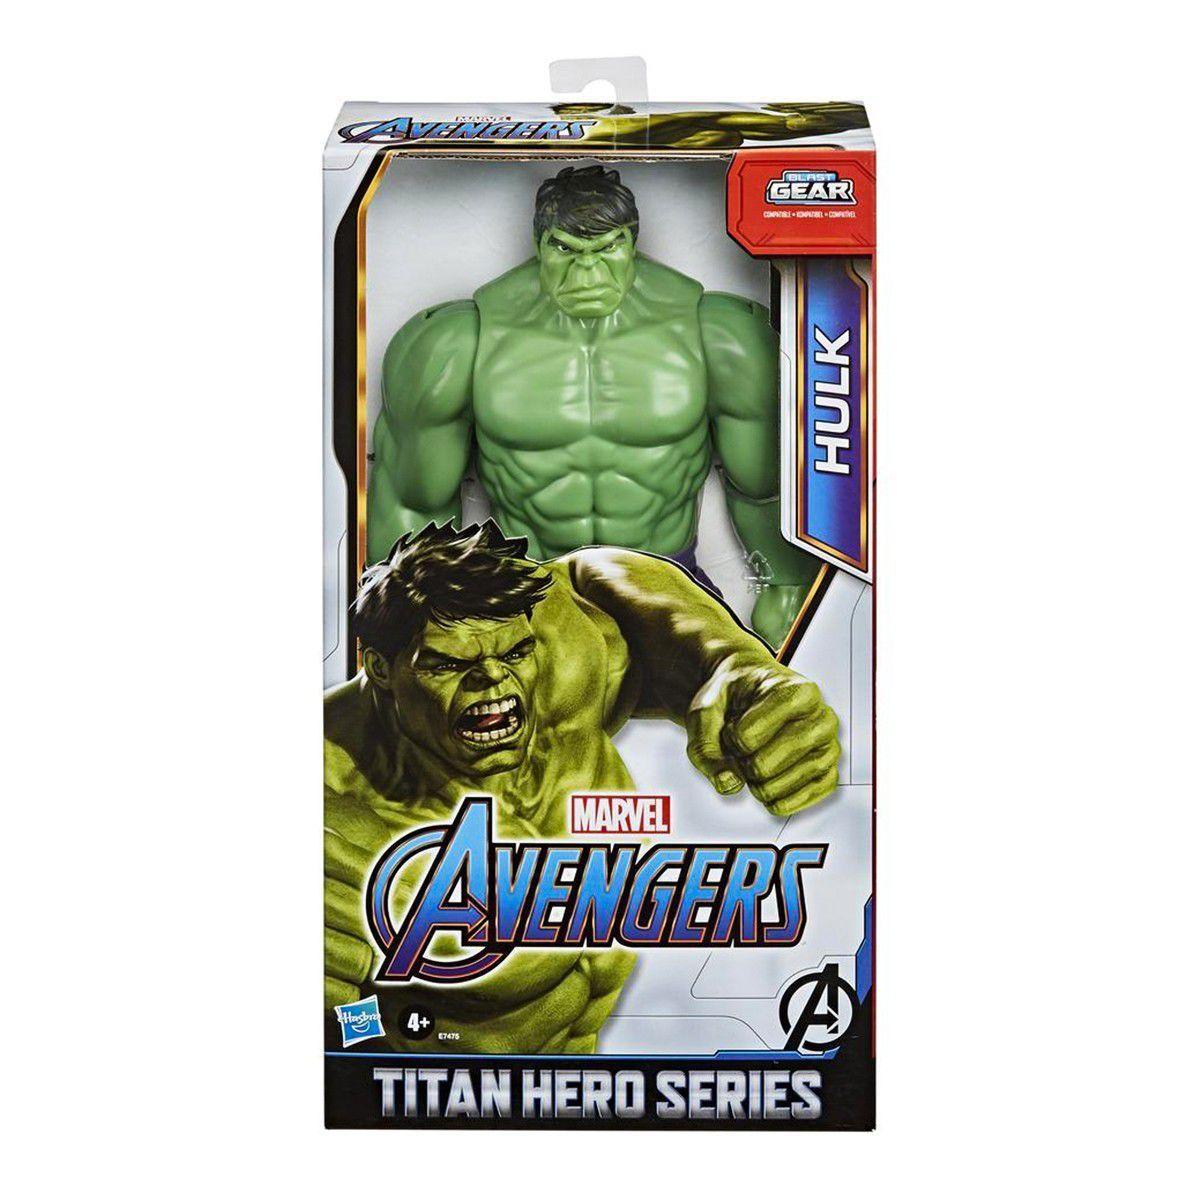 Boneco Hulk Titan Hero Blast Gear 28 Cm Hasbro - E7475